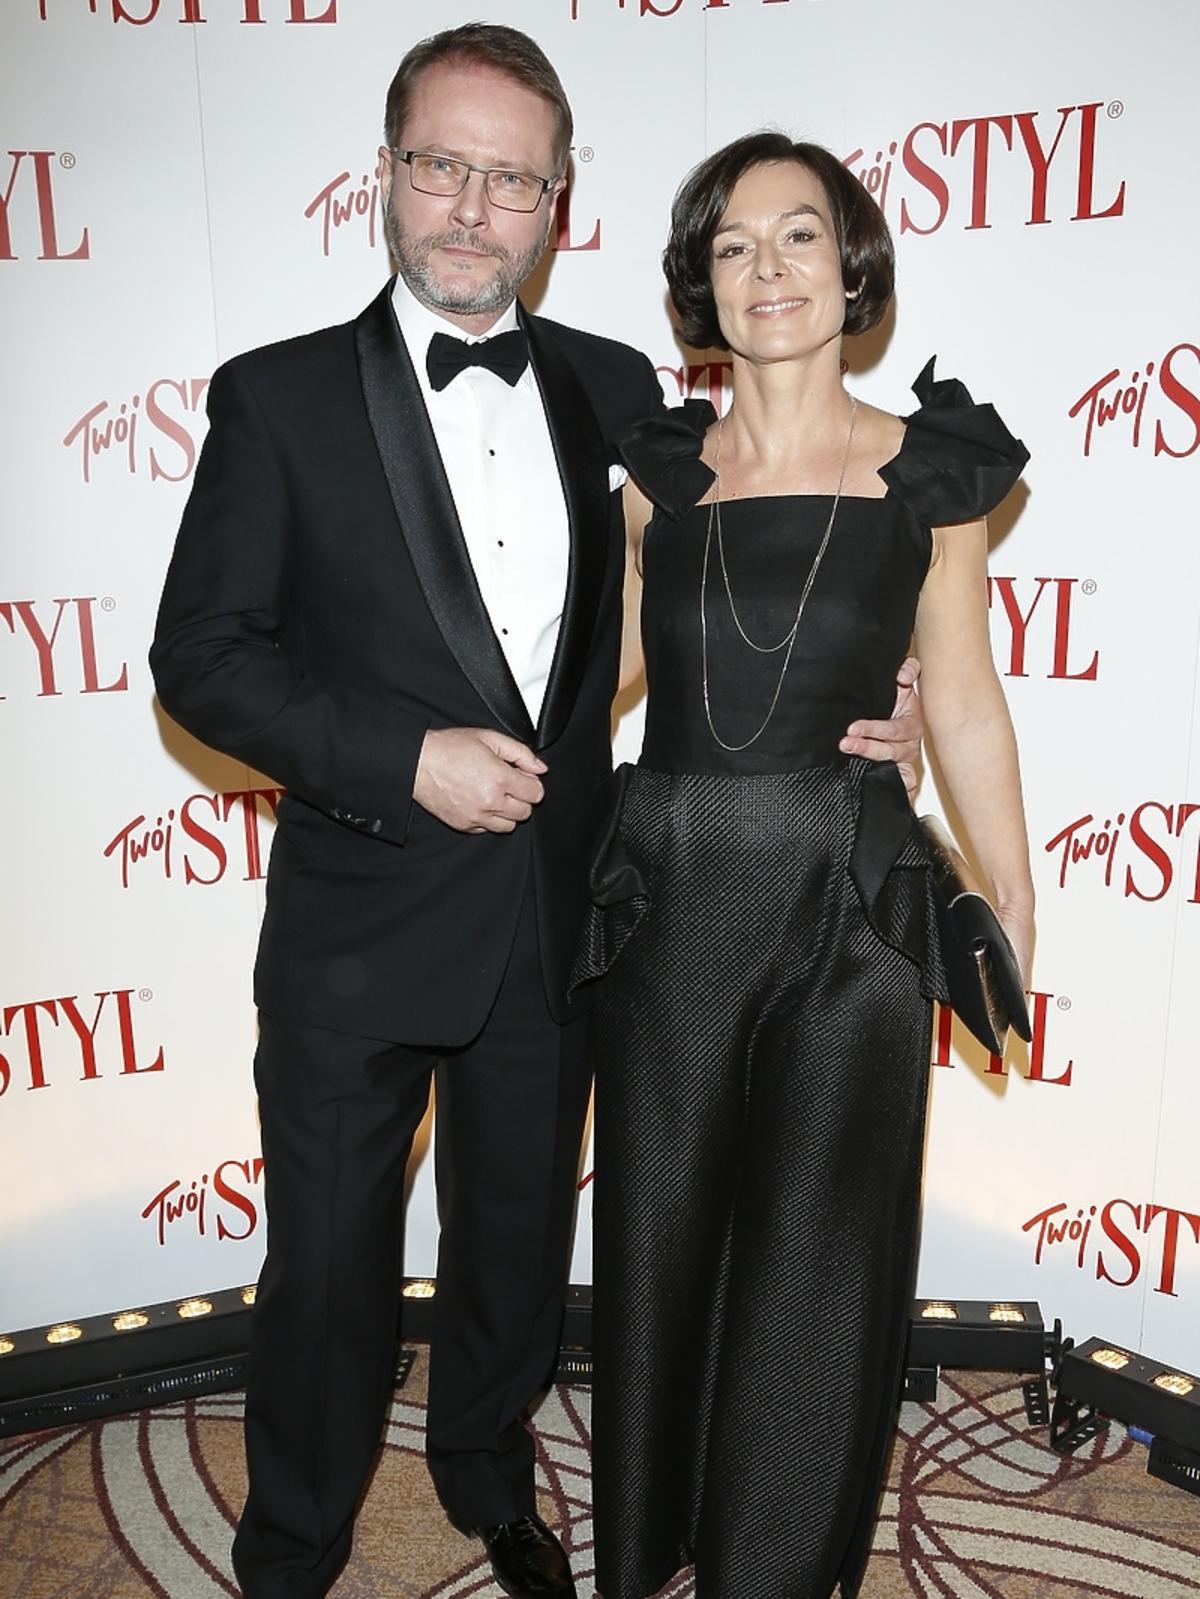 Artur Żmijewski z żoną na gali Doskonałość Roku Twojego Stylu 2014